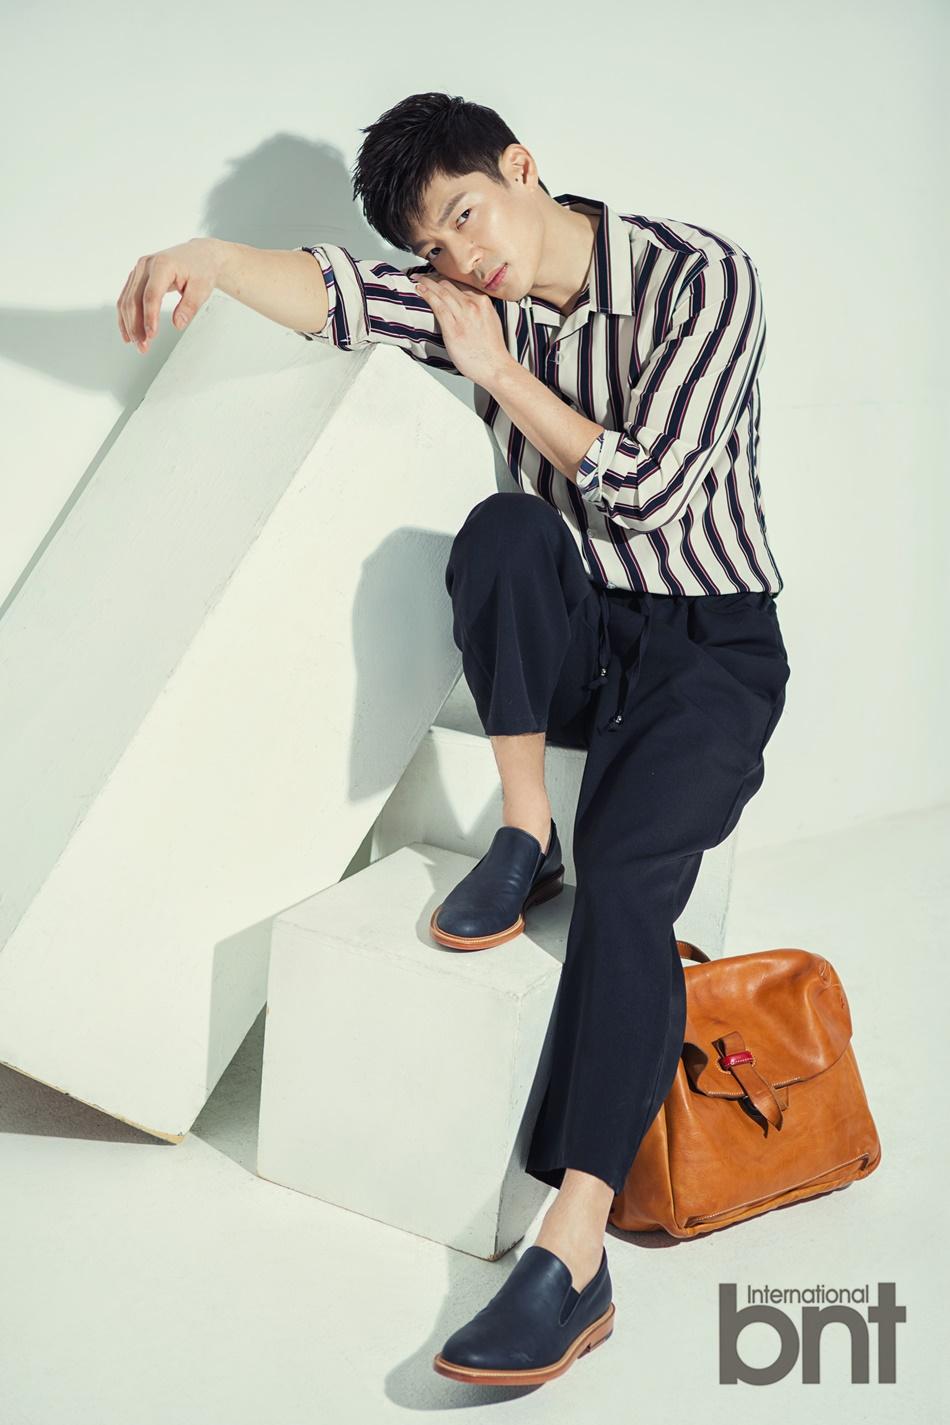 组图:韩国男歌手tim拍写真 成熟男人沉稳内敛